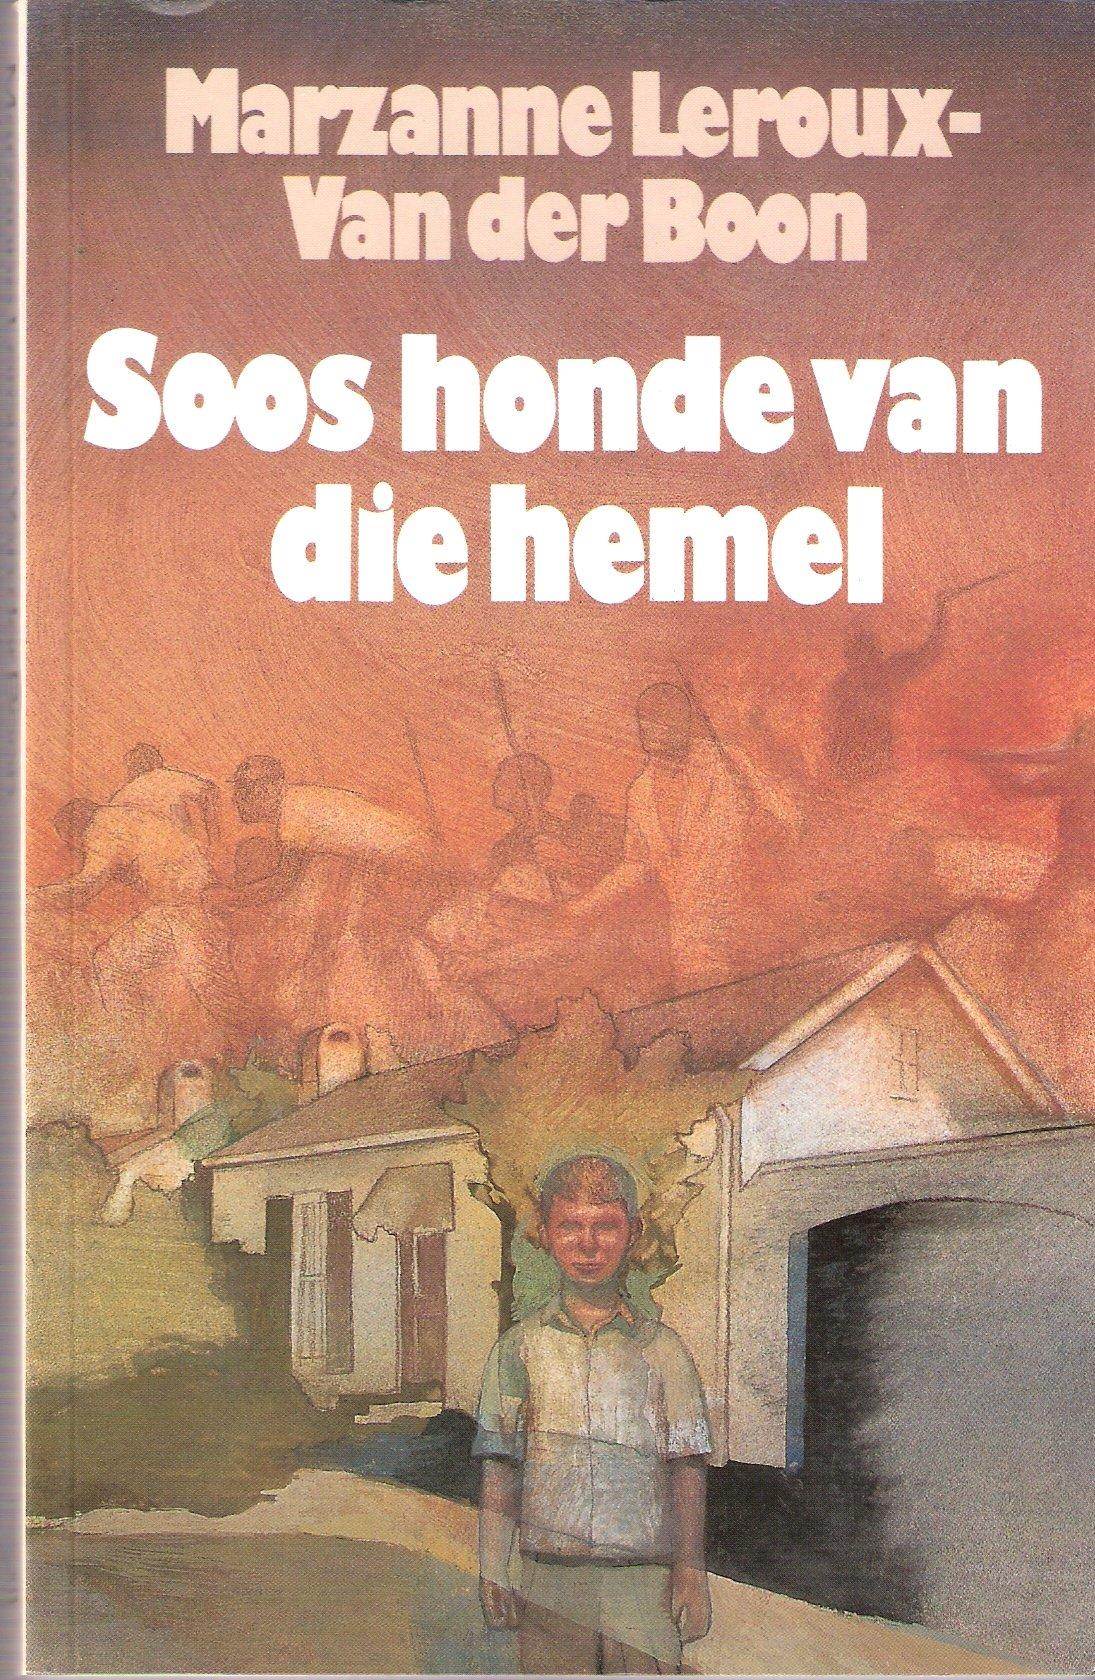 Soos honde van die hemel (Afrikaans Edition)